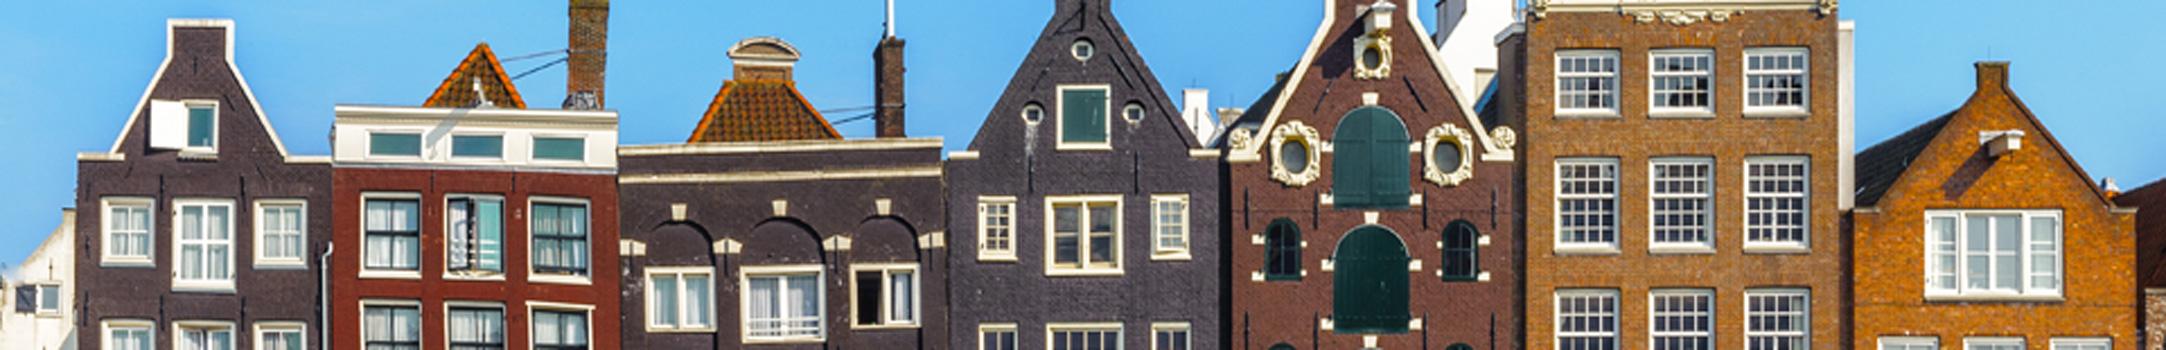 Jan-Pieters-Home-21